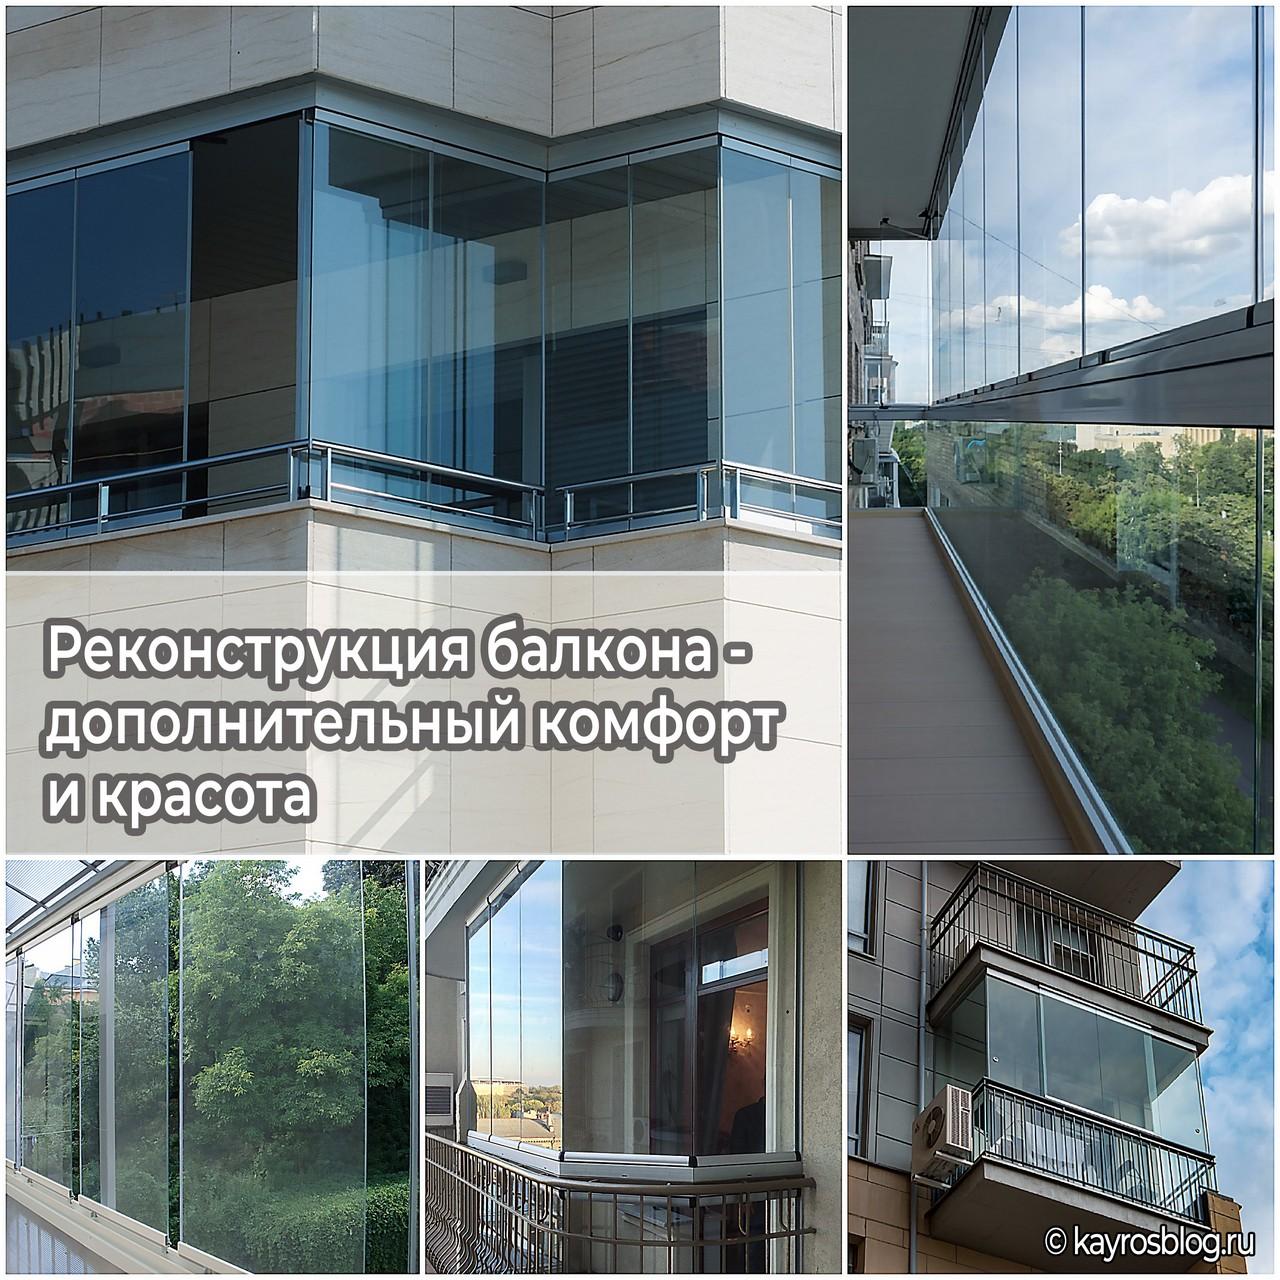 Реконструкция балкона - дополнительный комфорт и красота